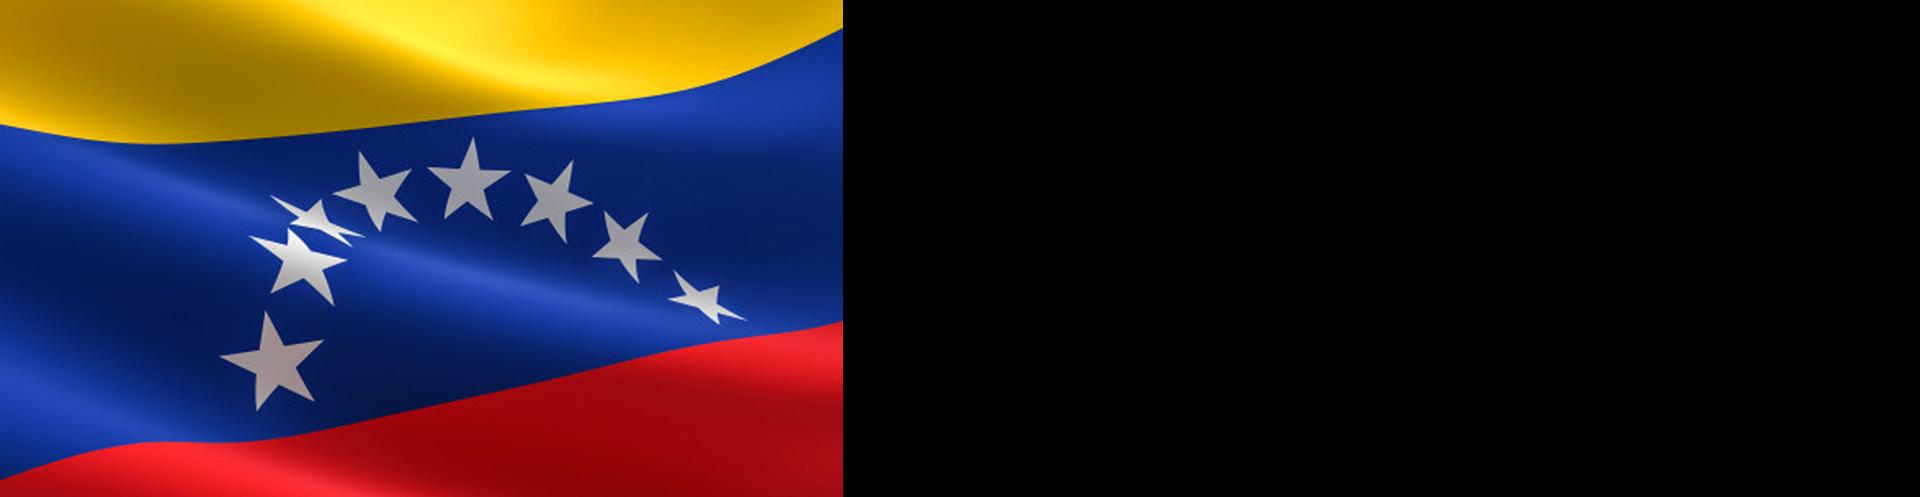 banderabase_destacado.png